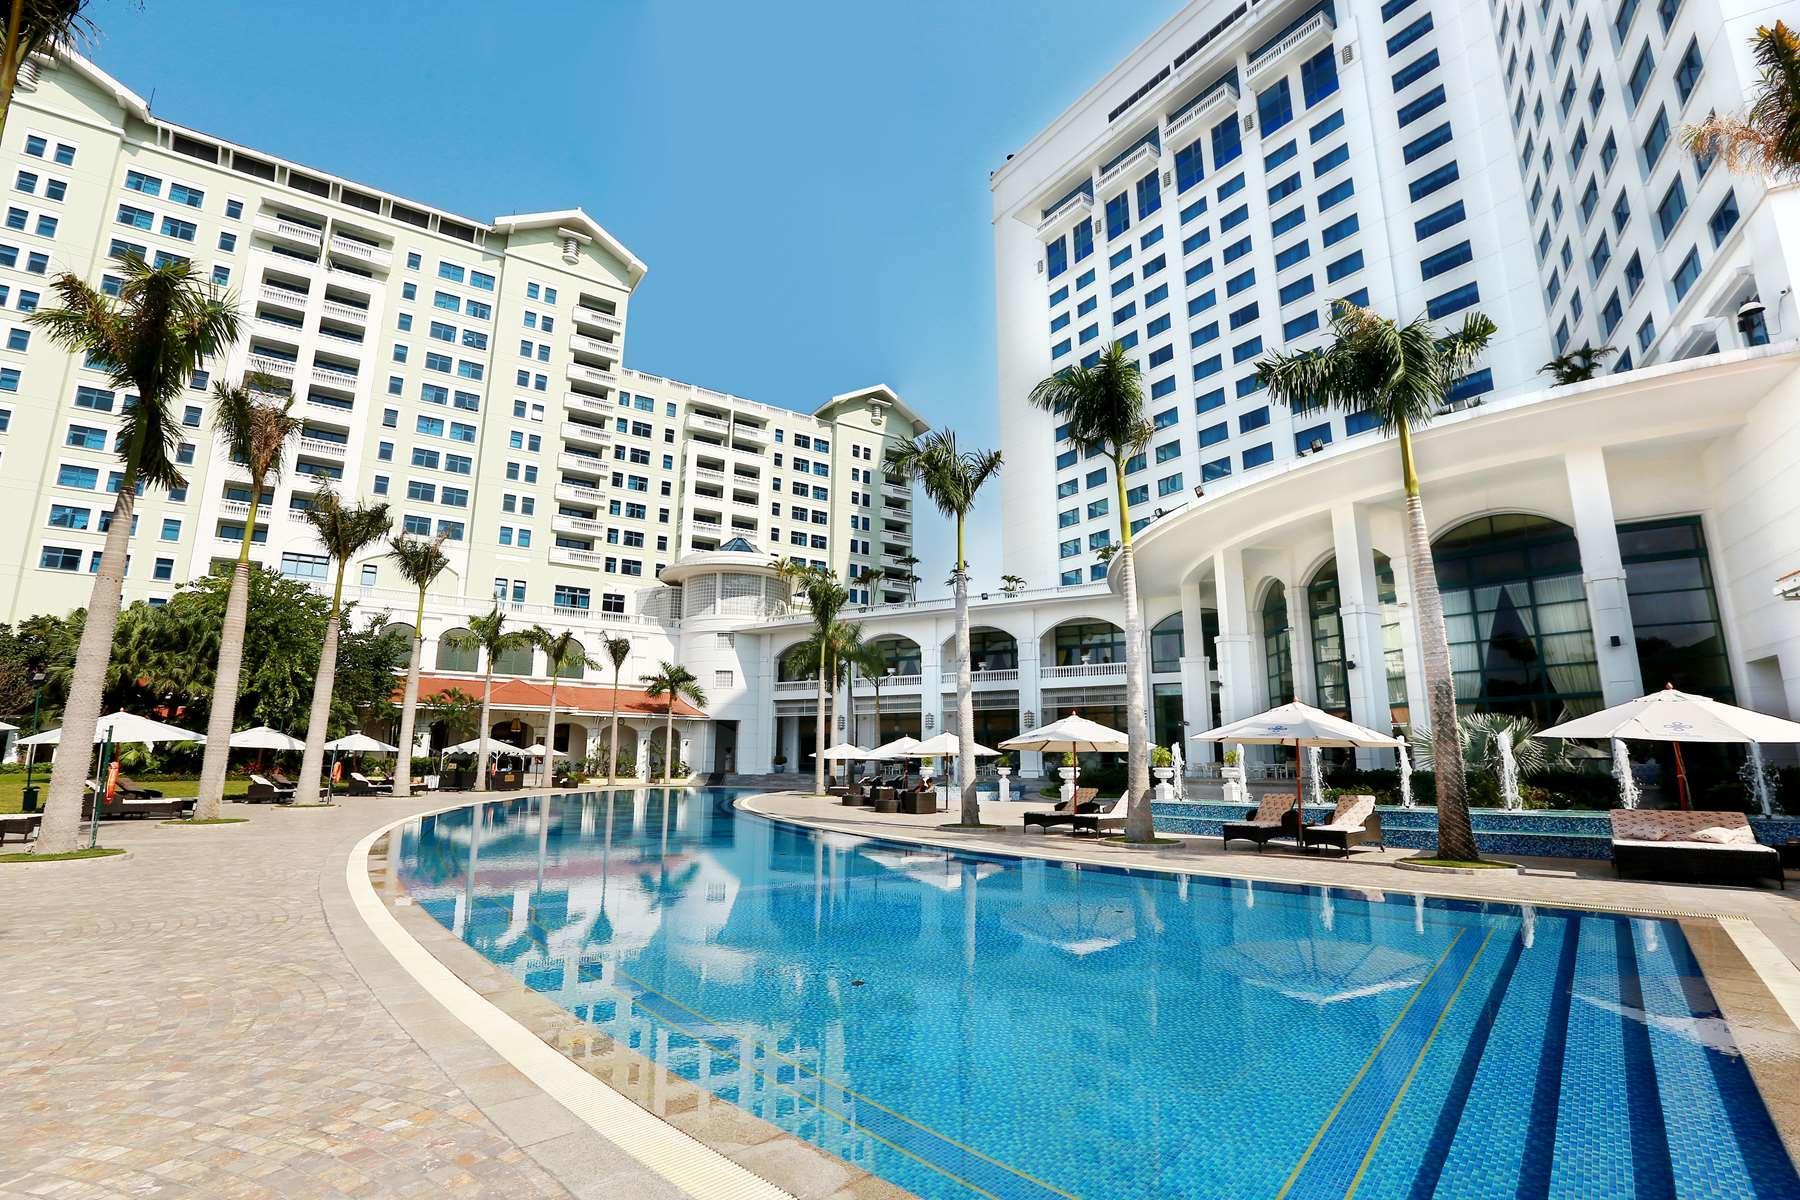 Top khách sạn sang trọng tại Hà Nội